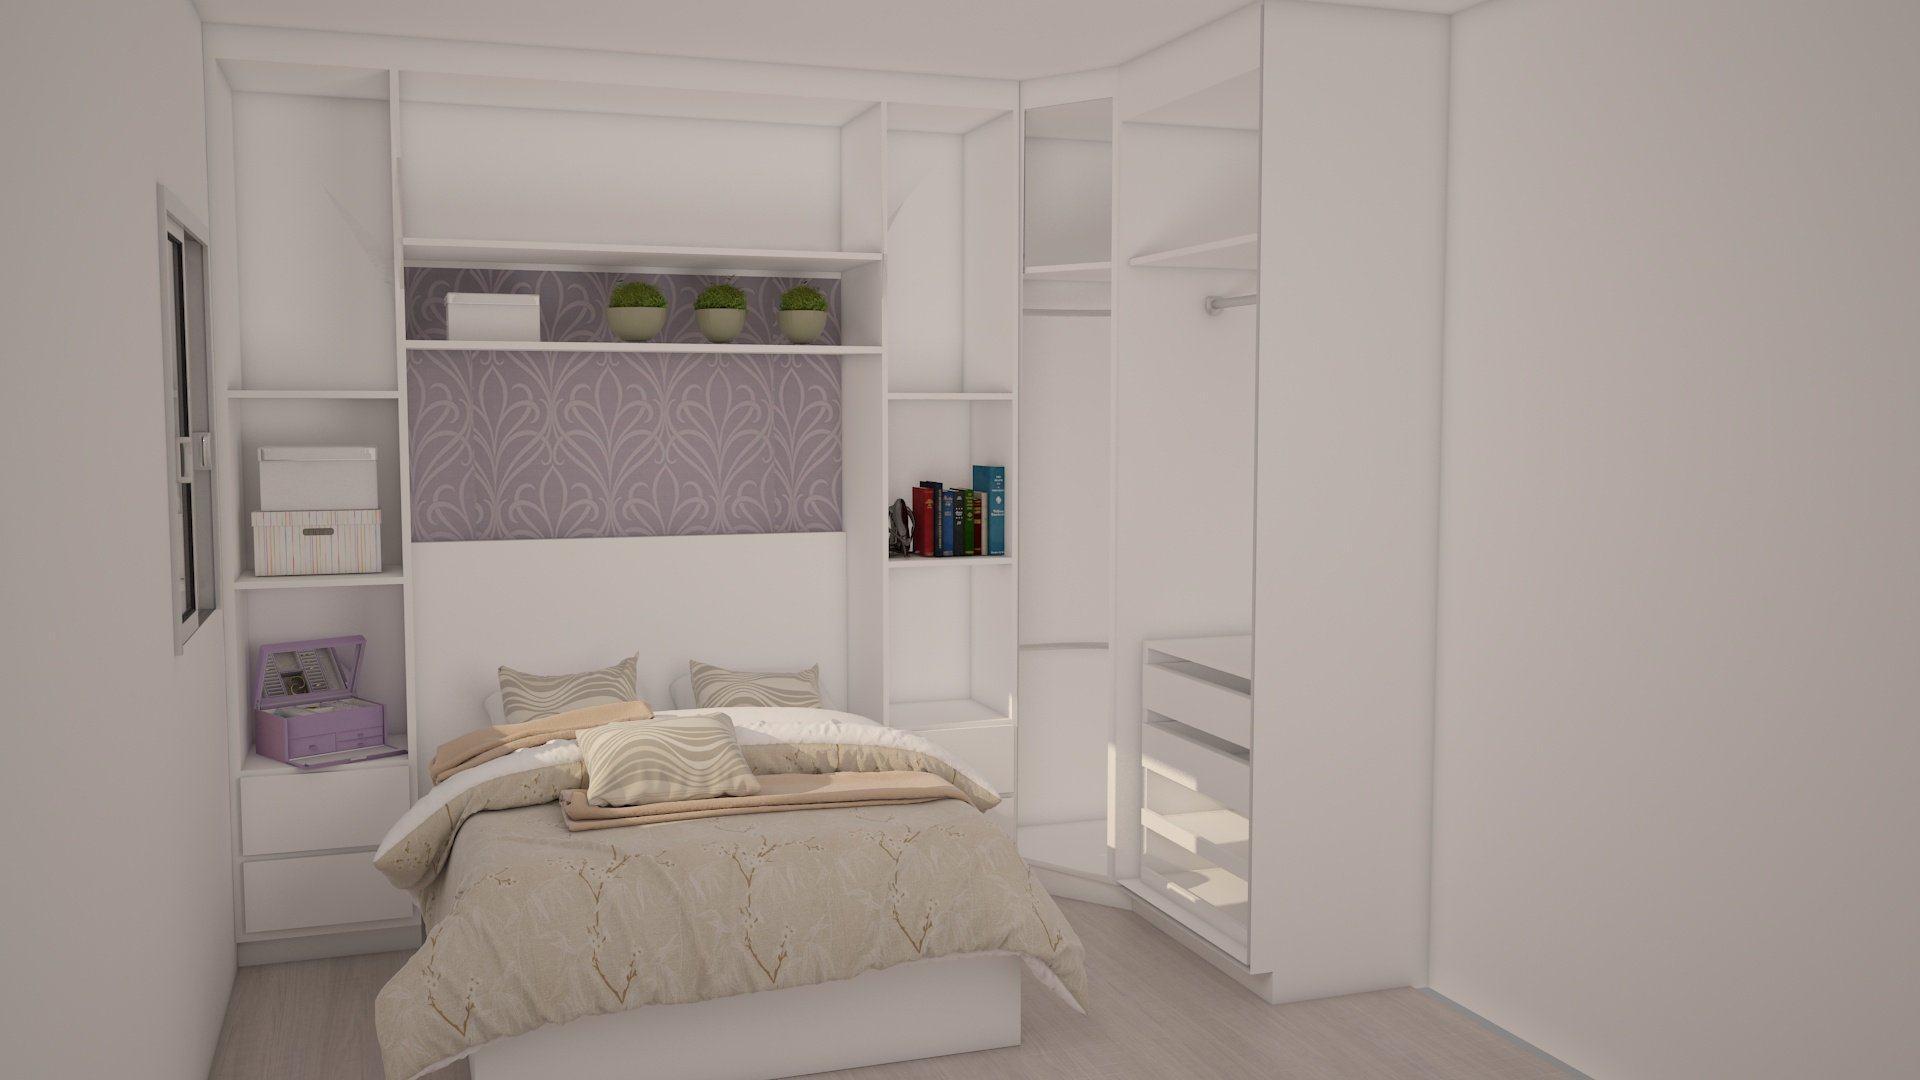 Armário Quarto Pequeno ~ Armário pequeno para quarto de solteiro ou hóspedes Decor&MODA biz